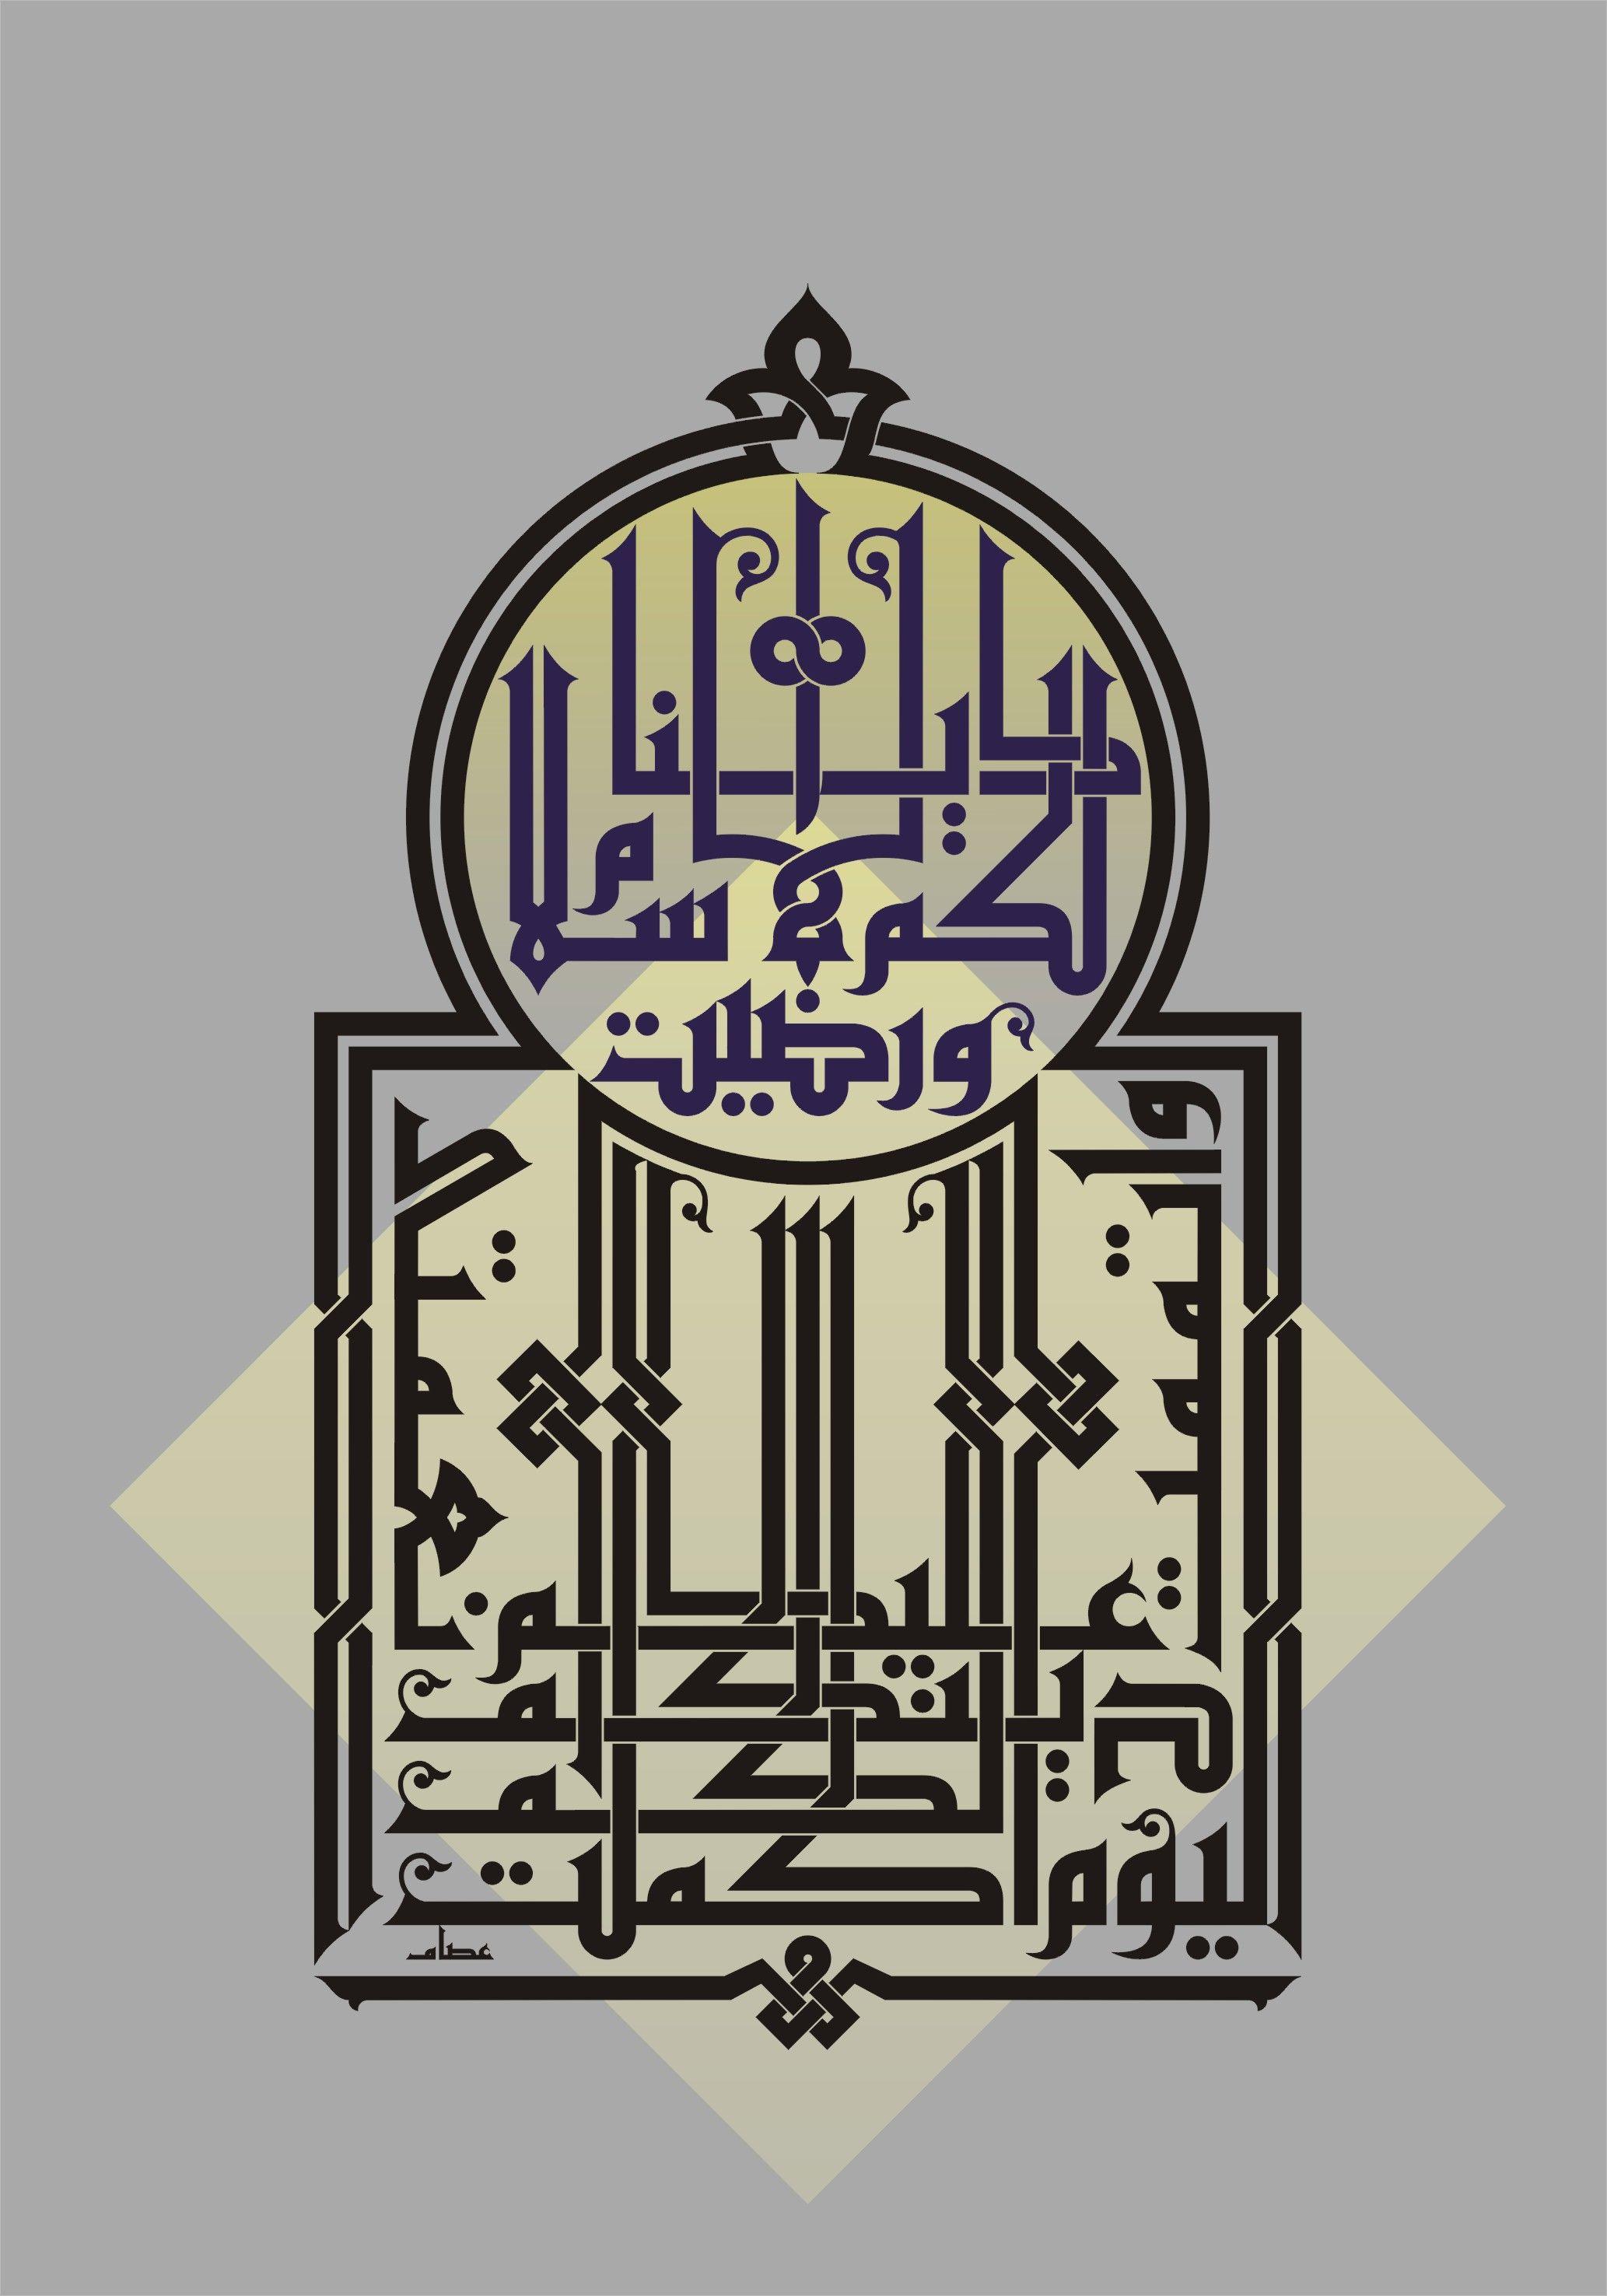 اليوم أكملت لكم دينكم وأتممت عليكم نعمتي ورضيت لكم الإسلام